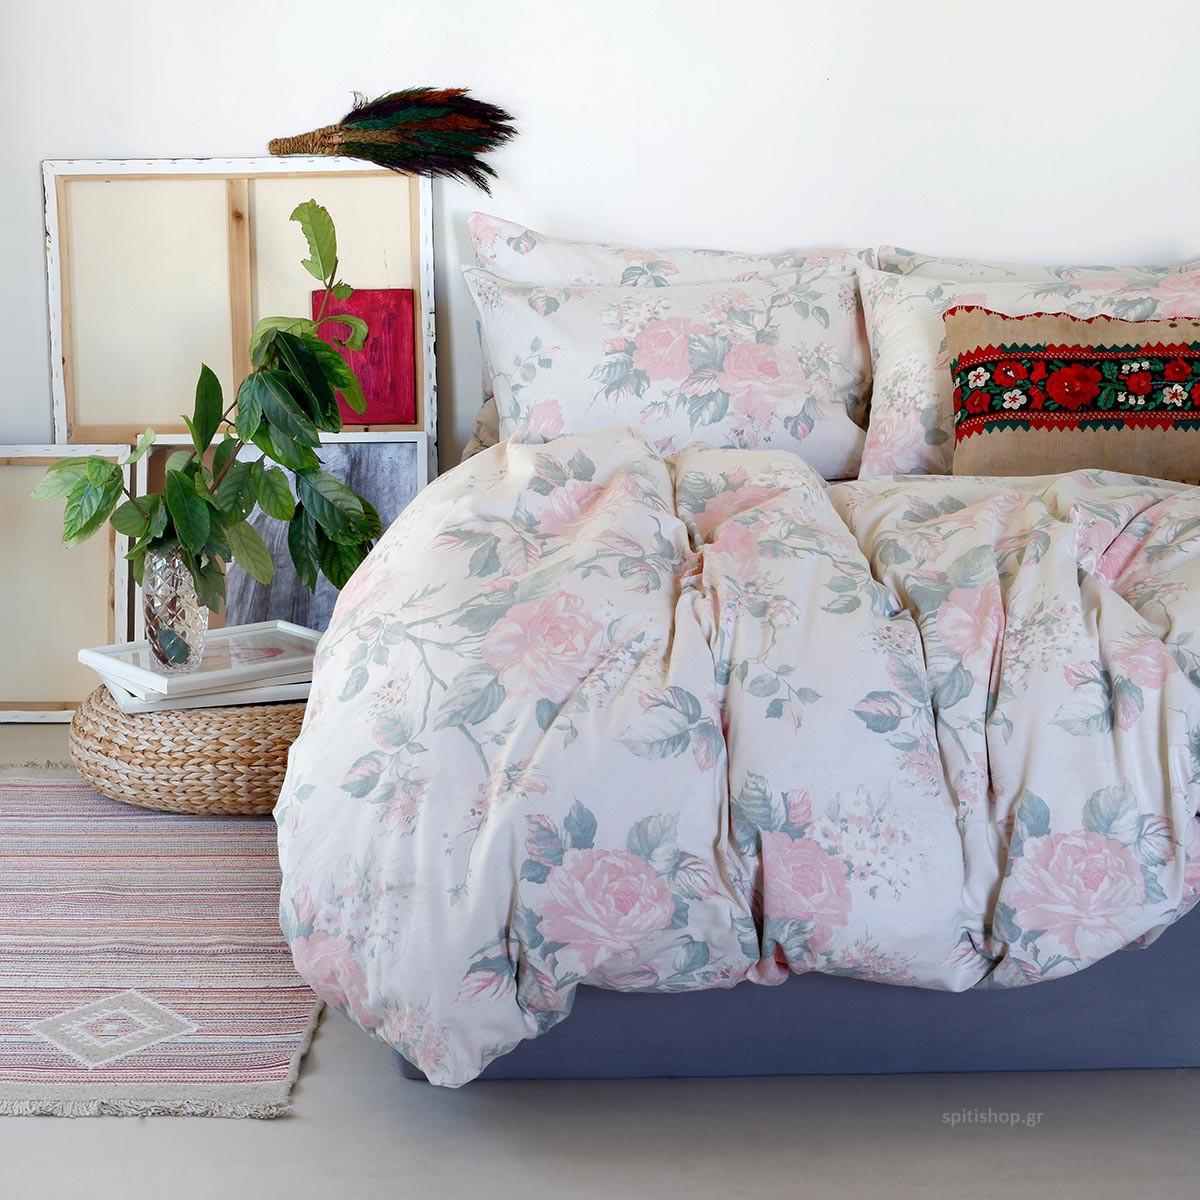 Φανελένια Σεντόνια King Size (Σετ) Melinen Carmen Dusty Pink ΧΩΡΙΣ ΛΑΣΤΙΧΟ 260×270 ΧΩΡΙΣ ΛΑΣΤΙΧΟ 260×270